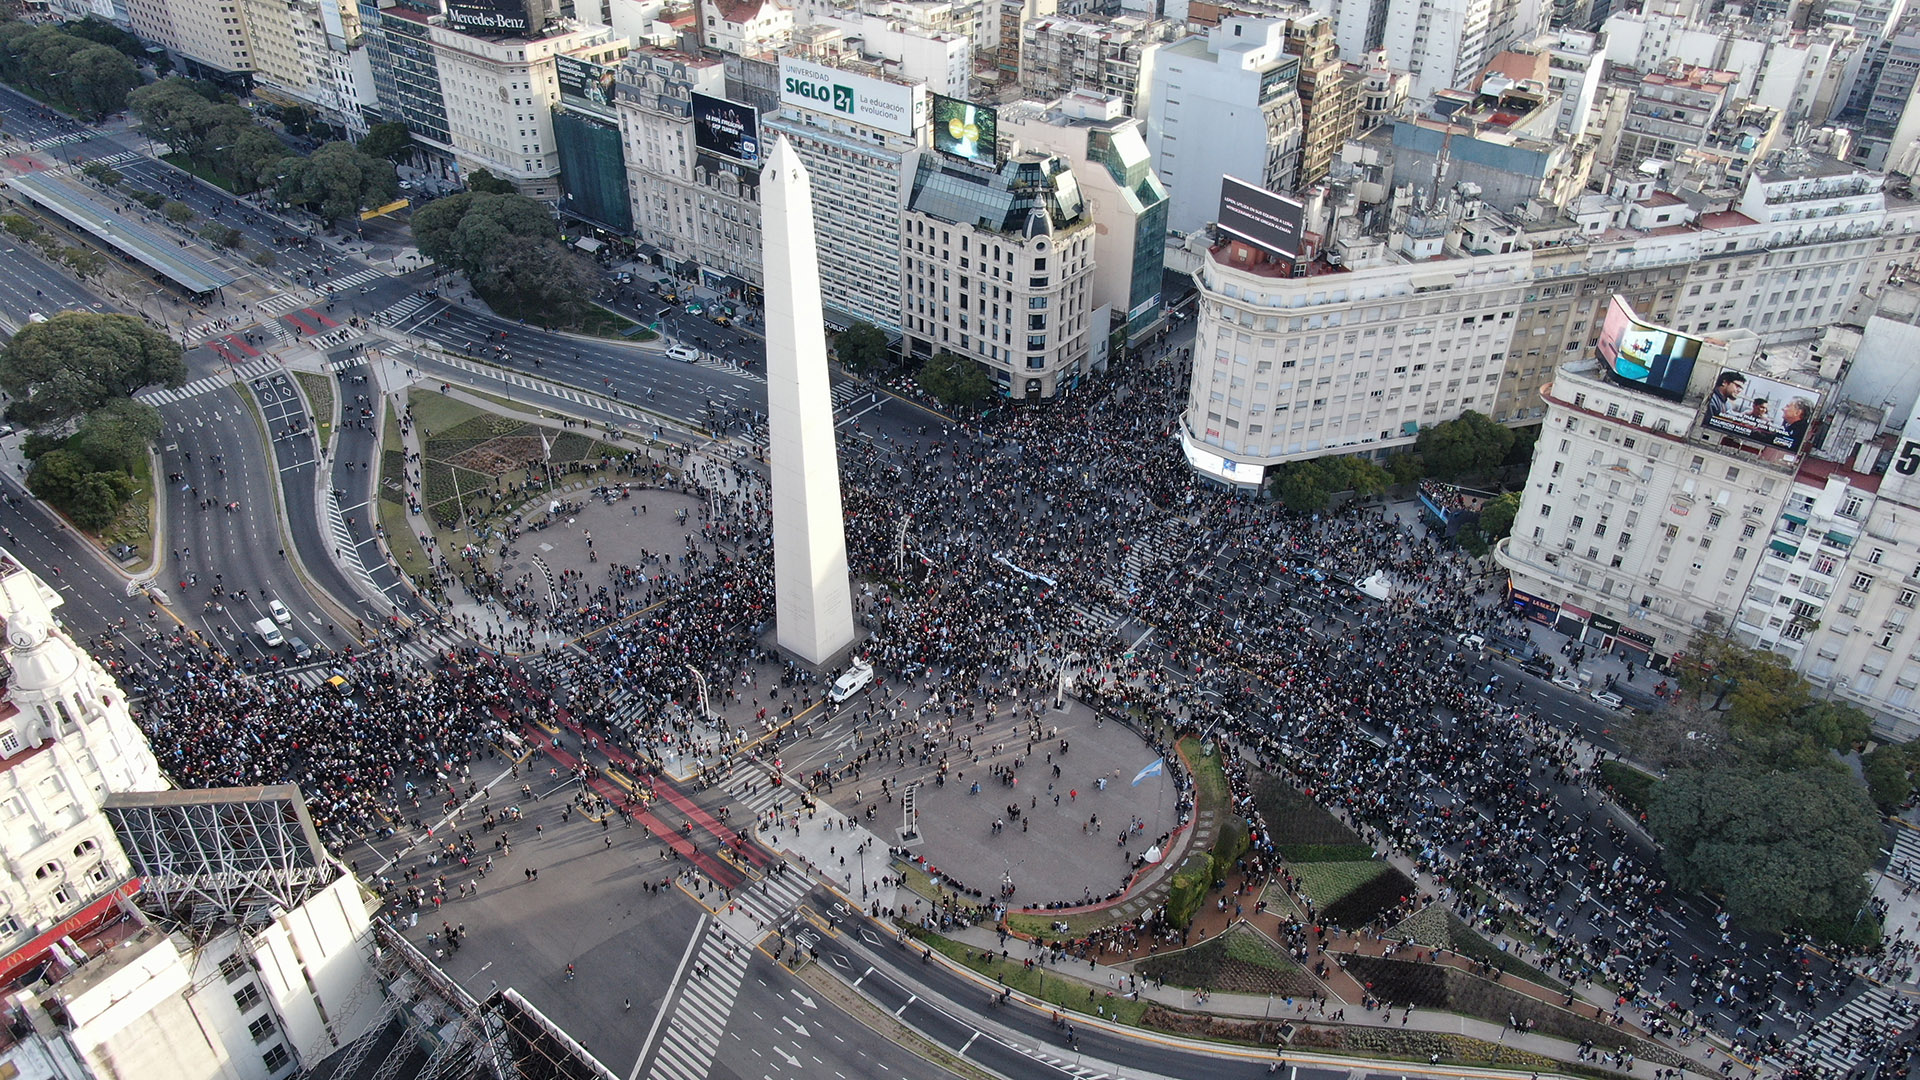 La concentración en el Obelisco porteño. Desde allí marcharon hacia Plaza de Mayo